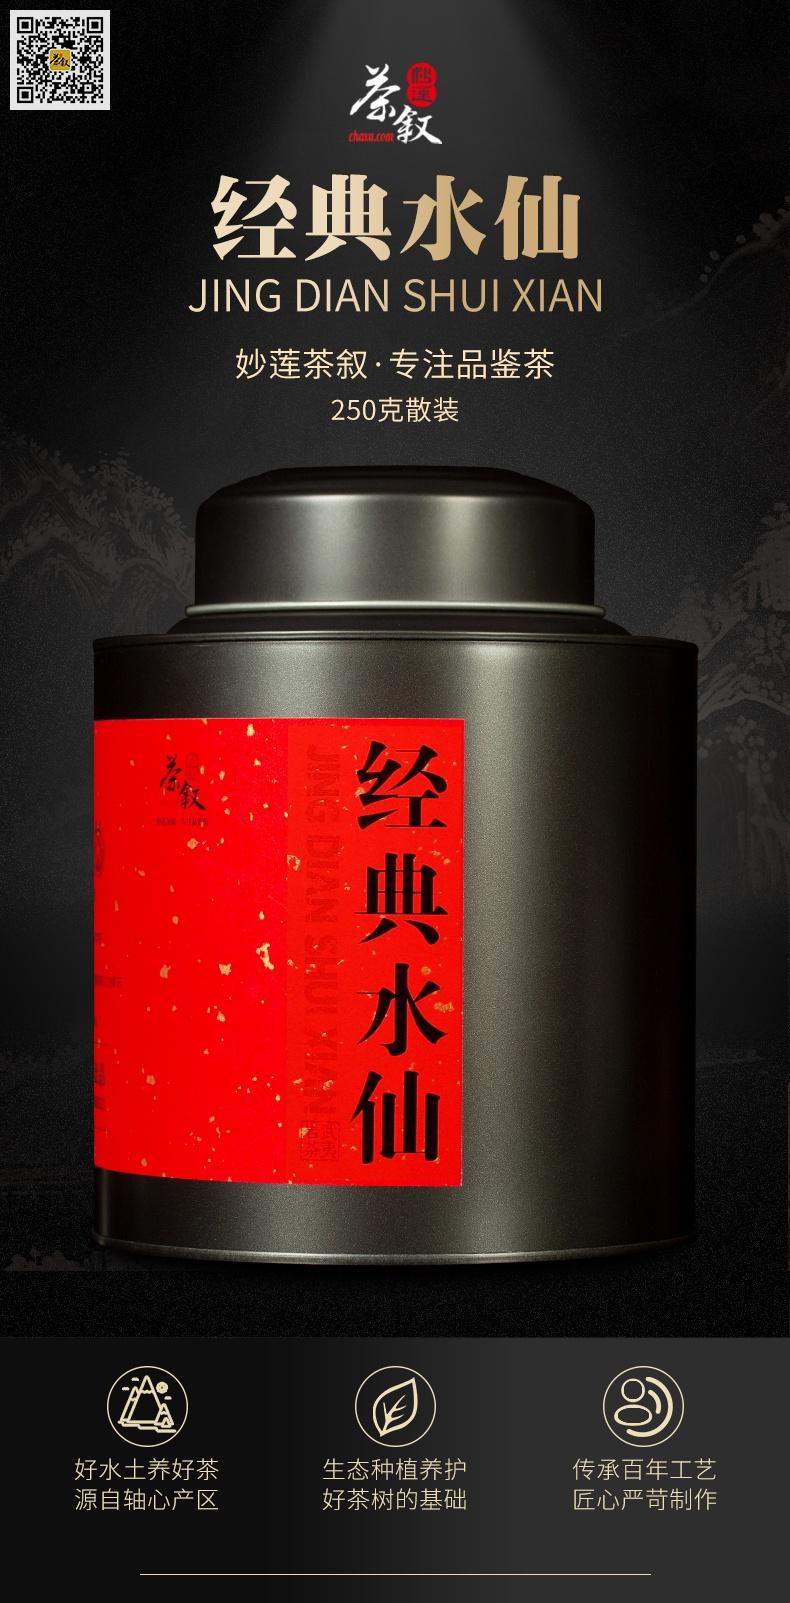 铁罐散装经典水仙包装效果图